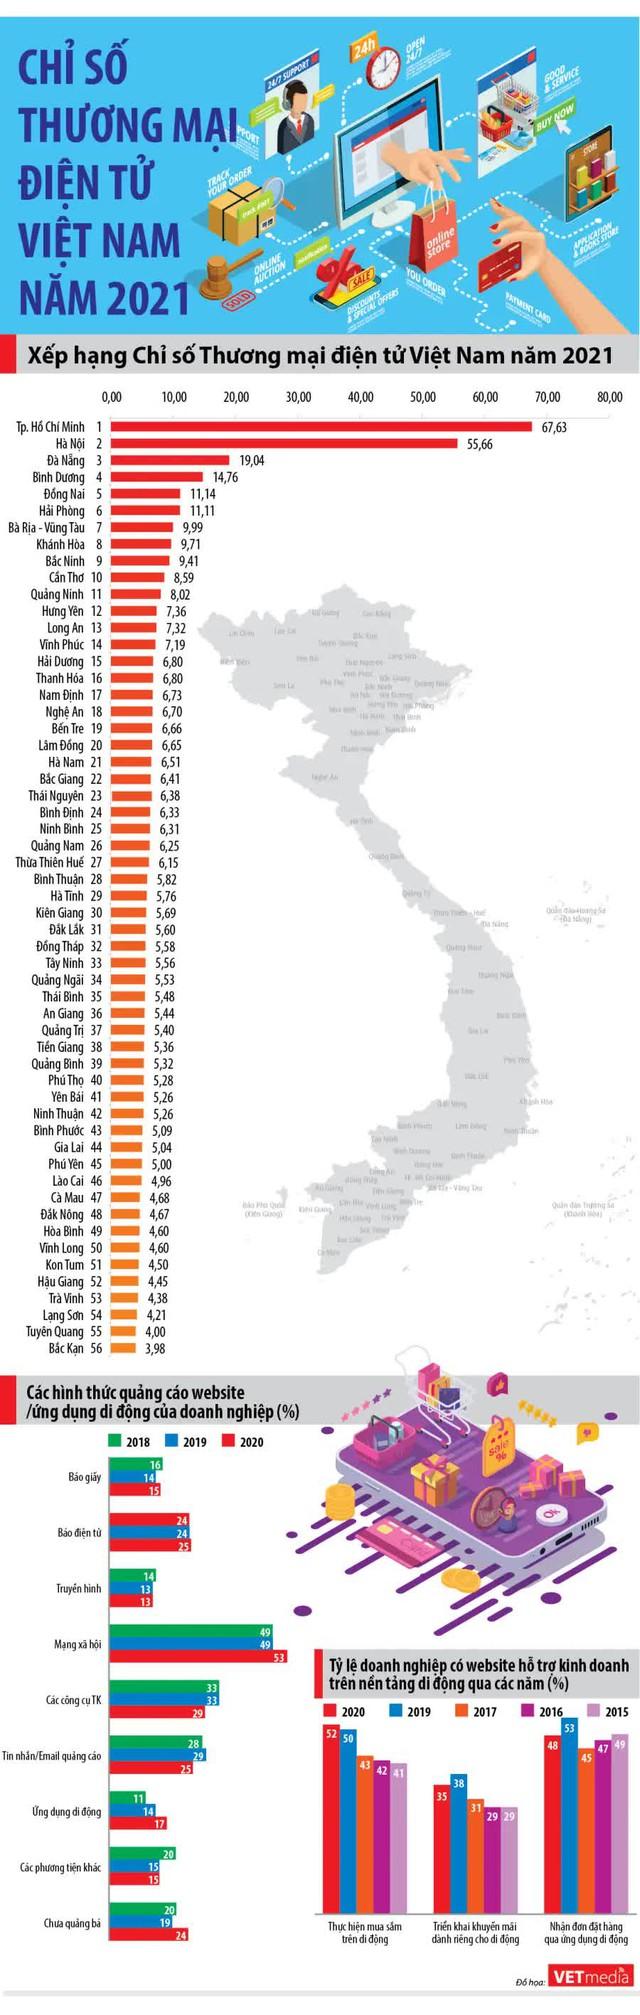 Xếp hạng chỉ số thương mại điện tử Việt Nam 2021 - Ảnh 1.